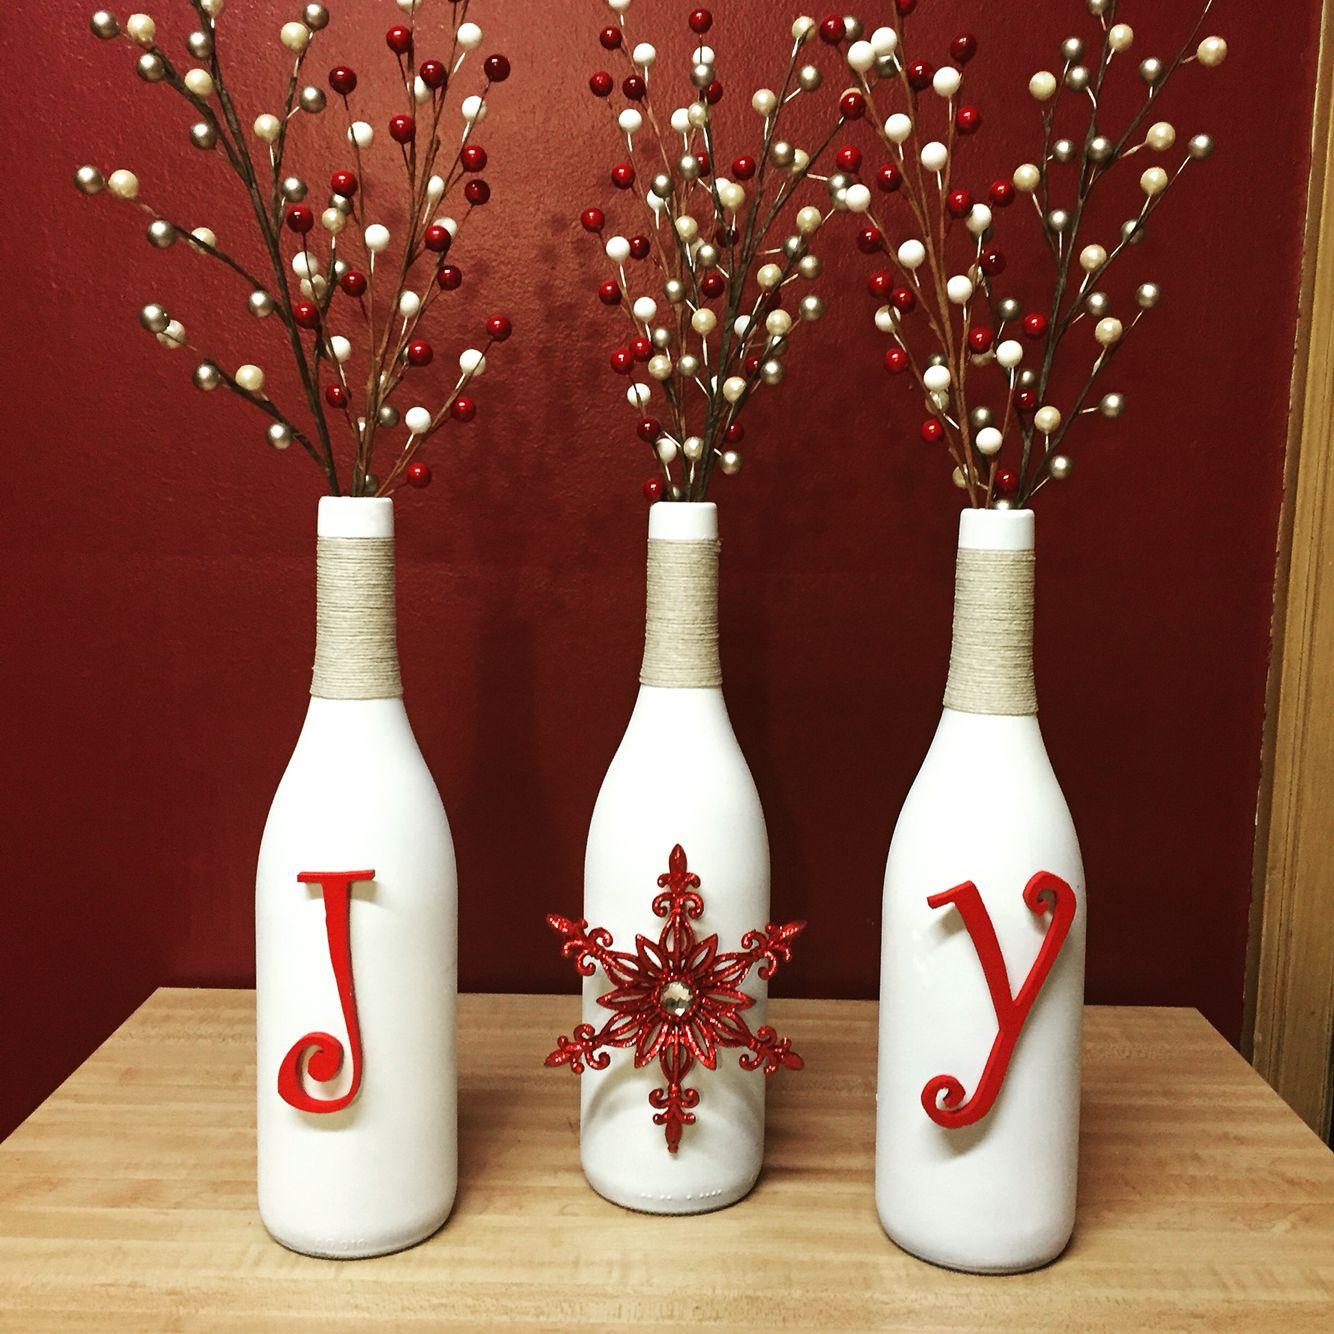 Wine bottle ornaments - Diy Wine Bottle Decor